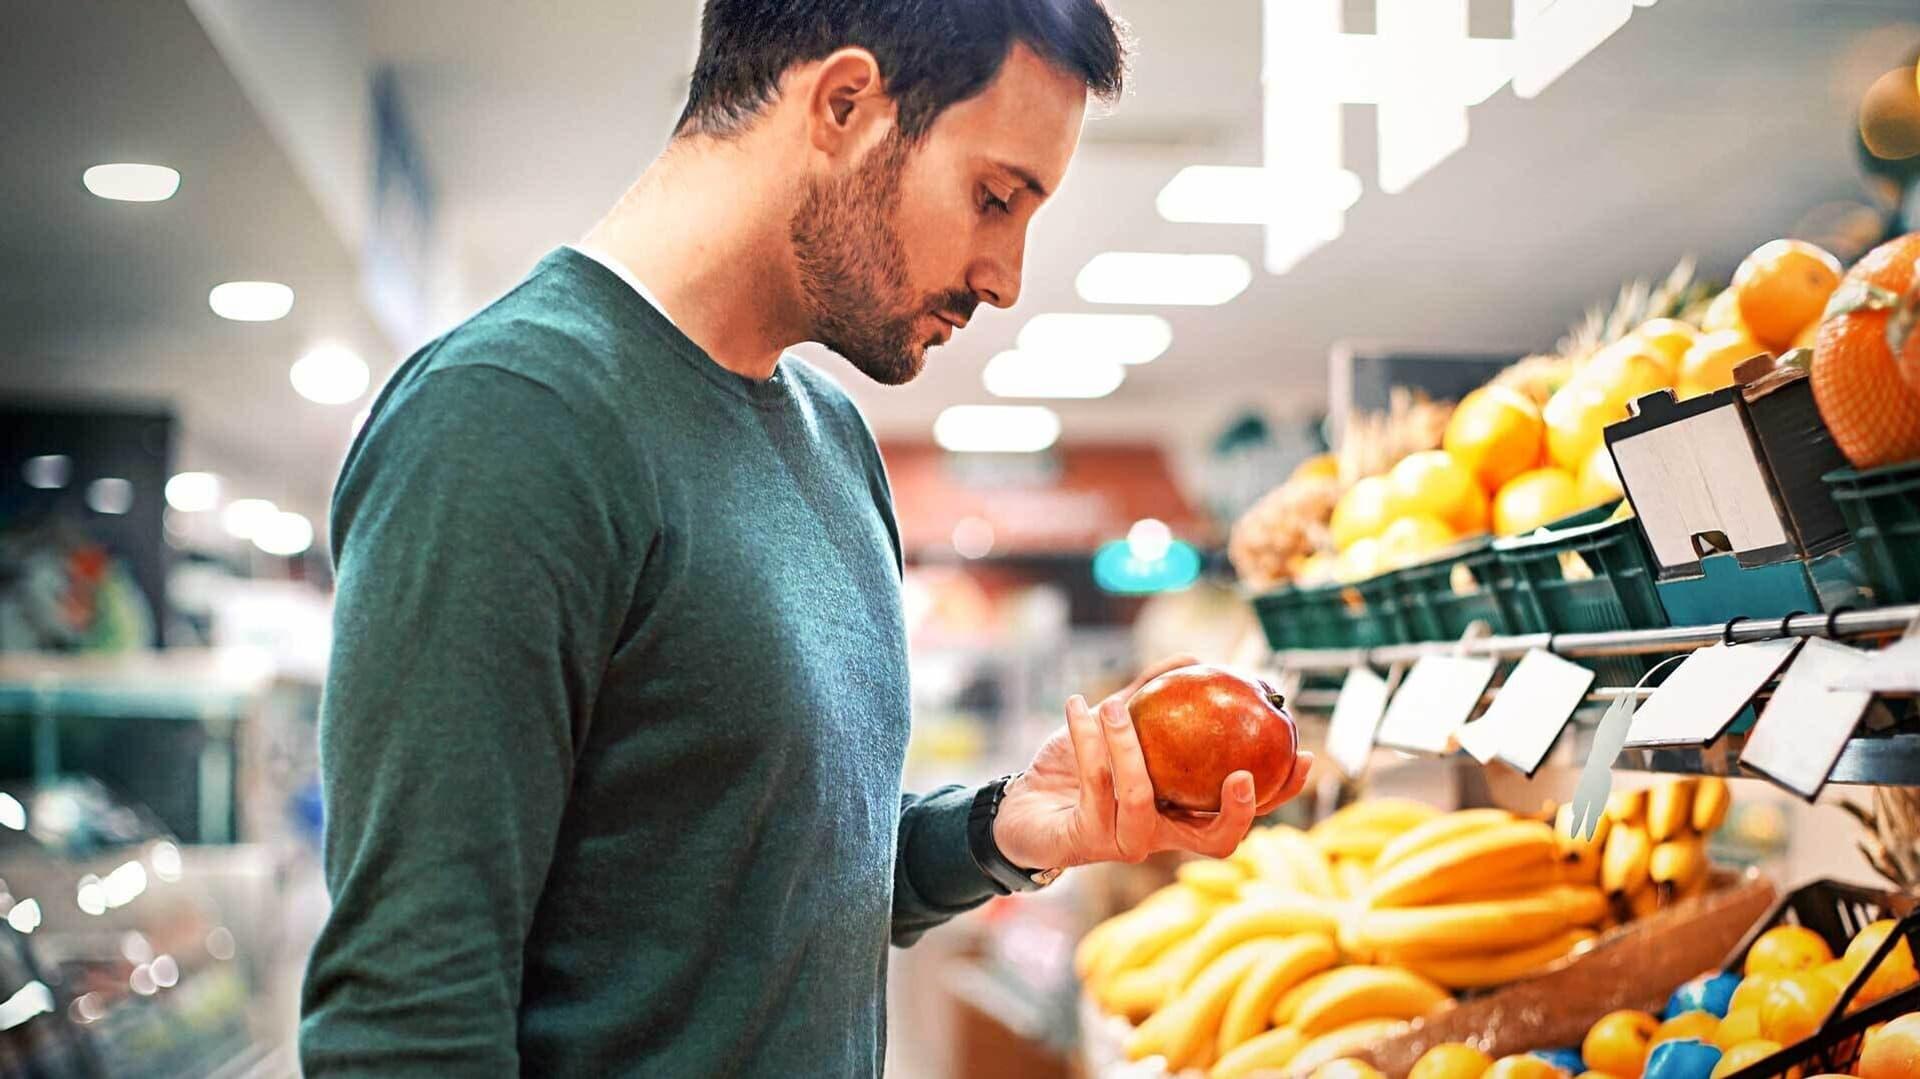 Ein Mann begutachtet einen Granatapfel vor dem Obstregal